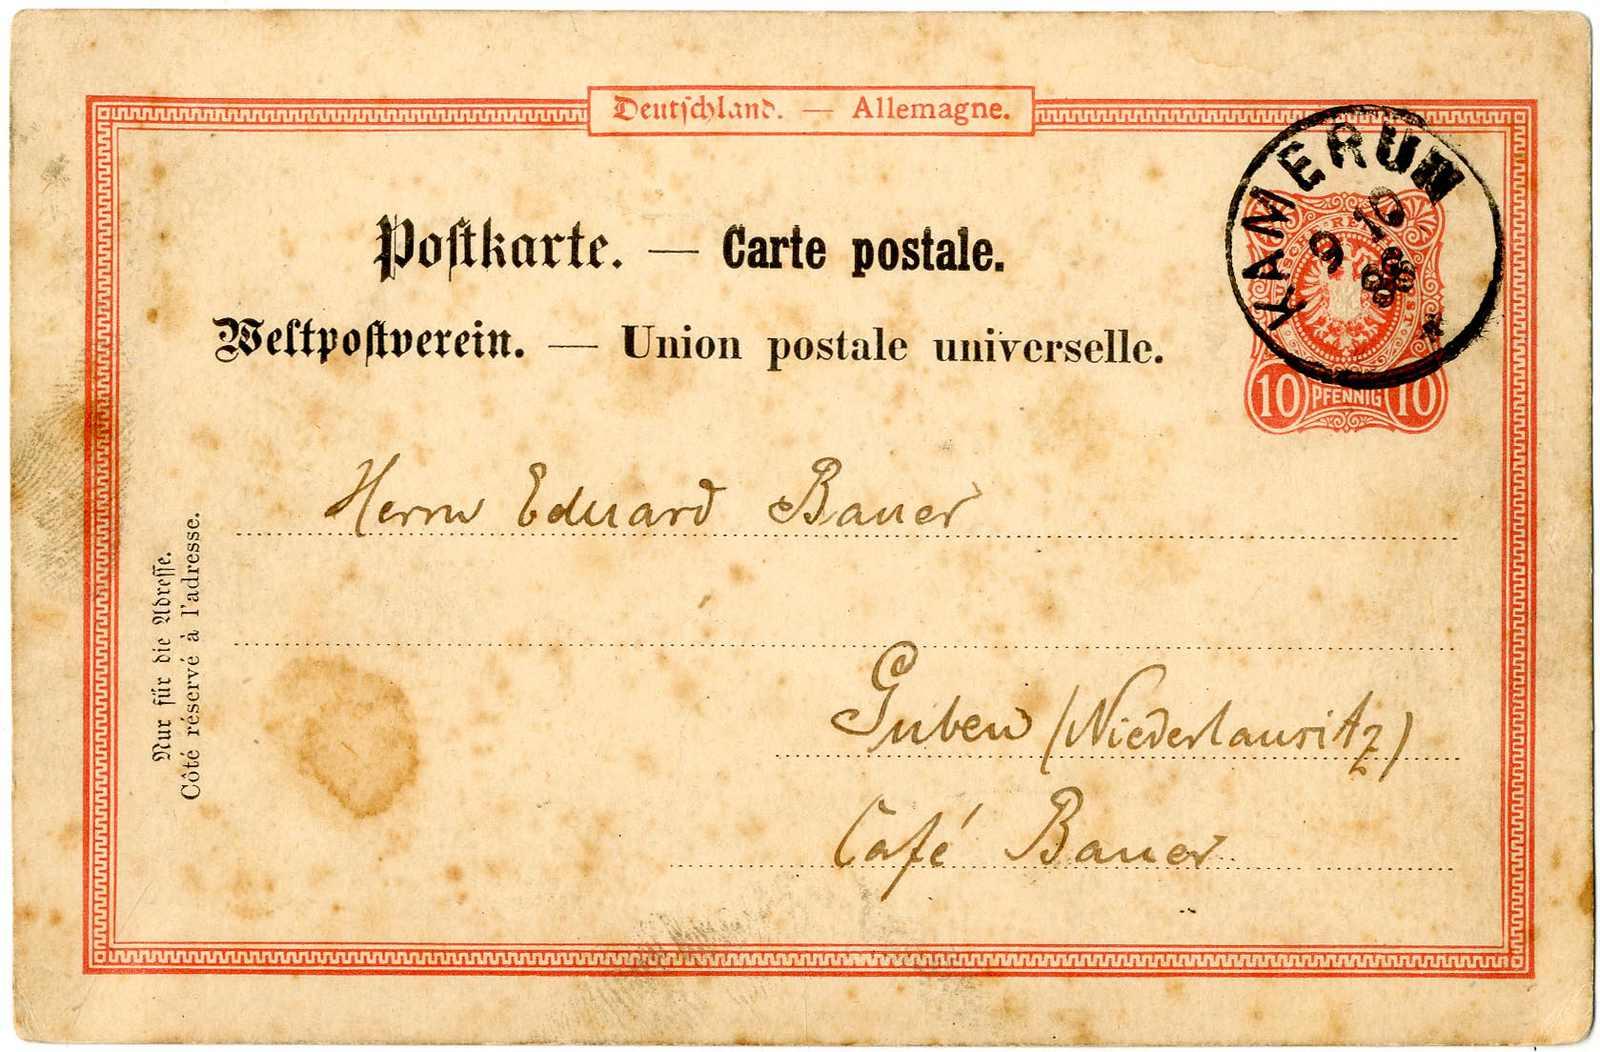 Lot 1460 - Deutsche Kolonien Kamerun, Vorläufer  -  Karl Pfankuch & Co. auction #222